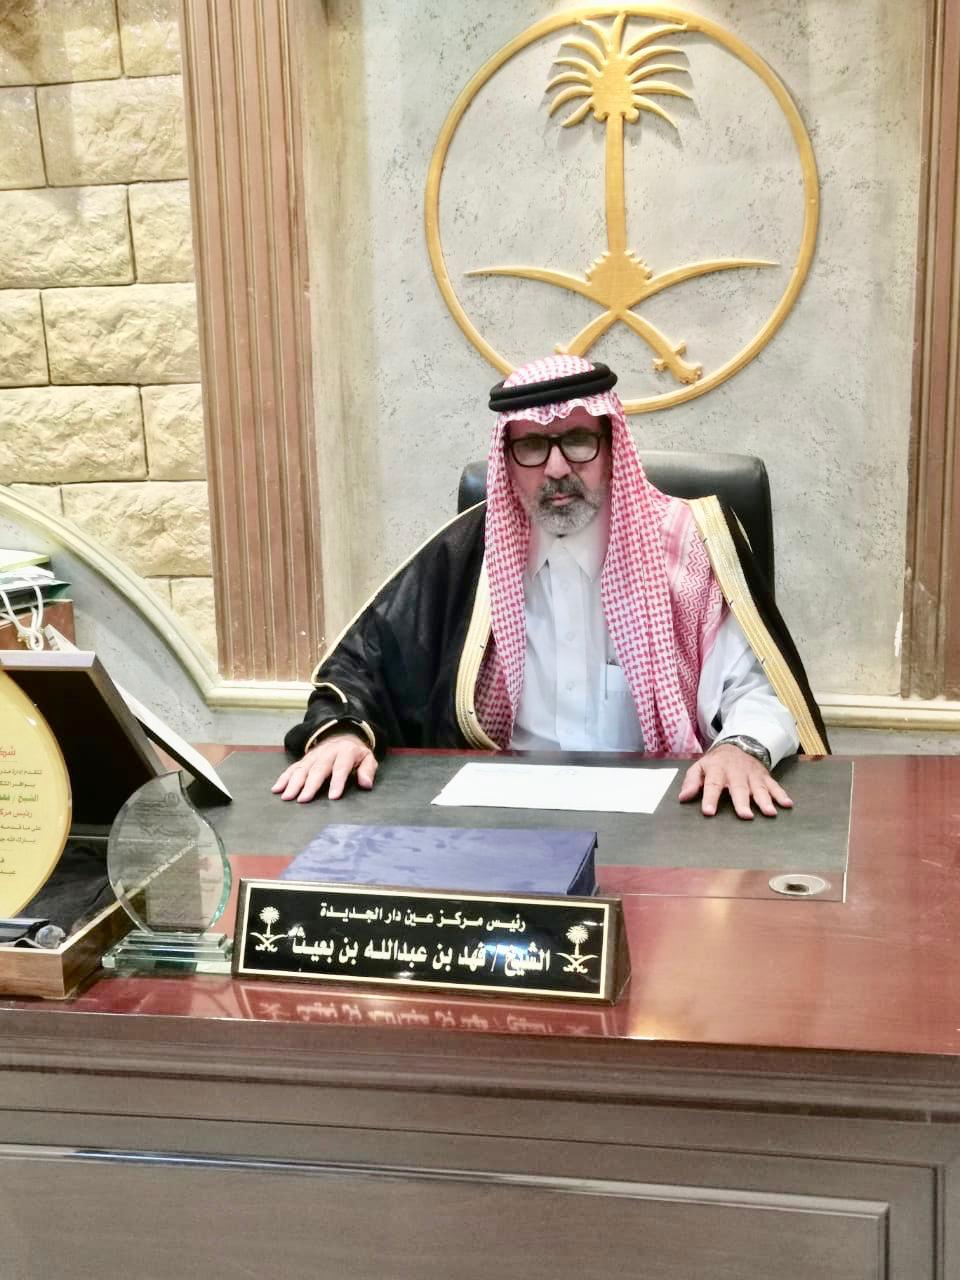 همة الموحد عبد العزيز.. بقلم : فهد بن عبد الله بن بعيث